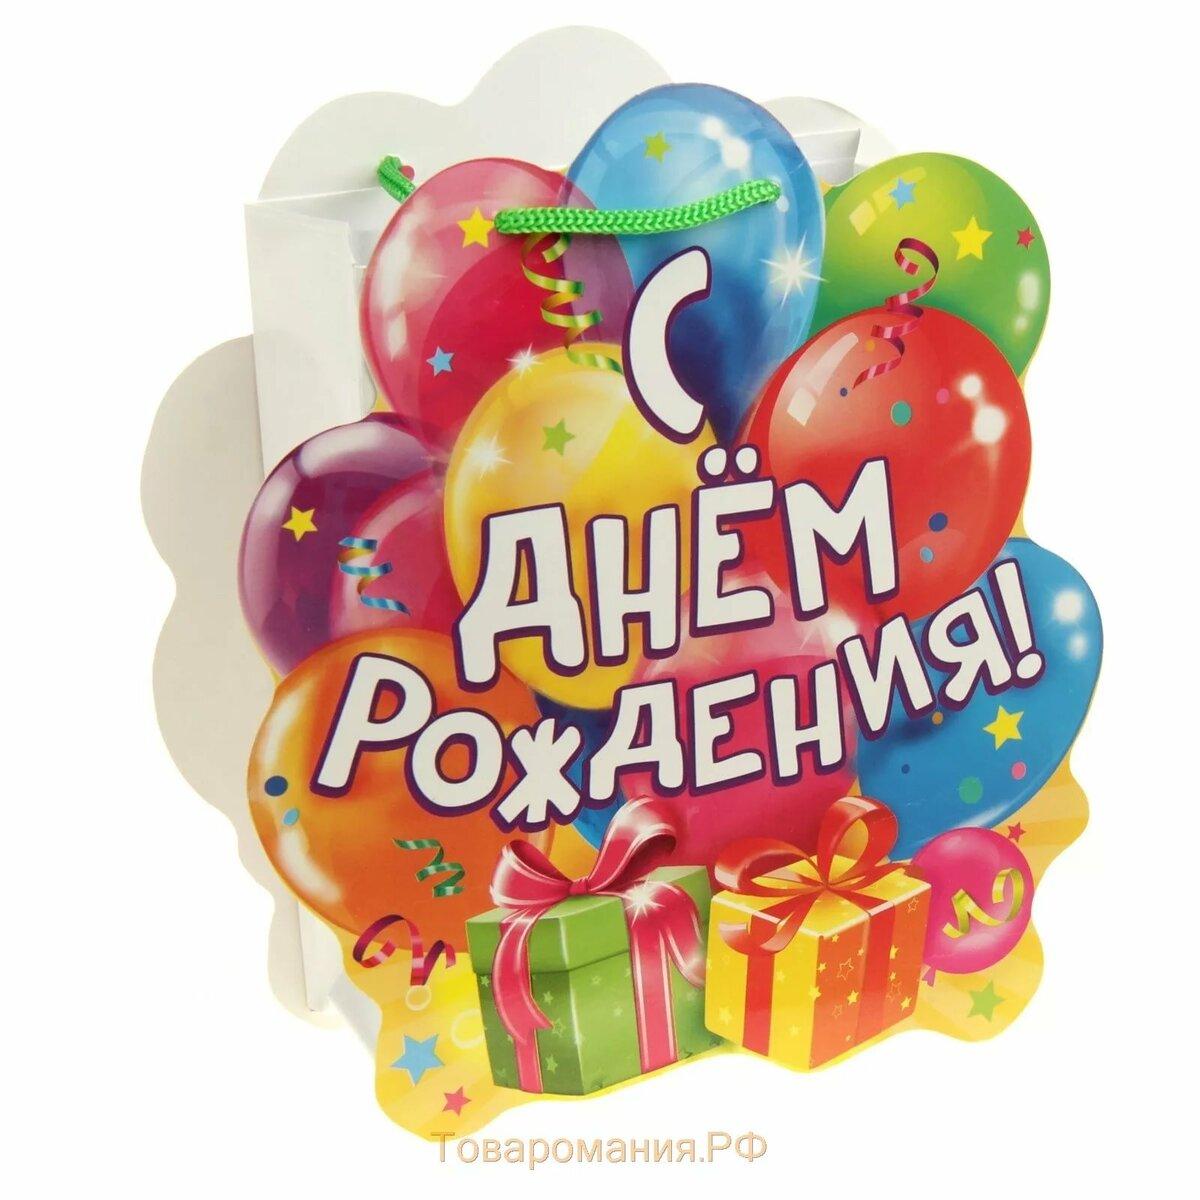 Красивая открытка с шарами с днем рождения